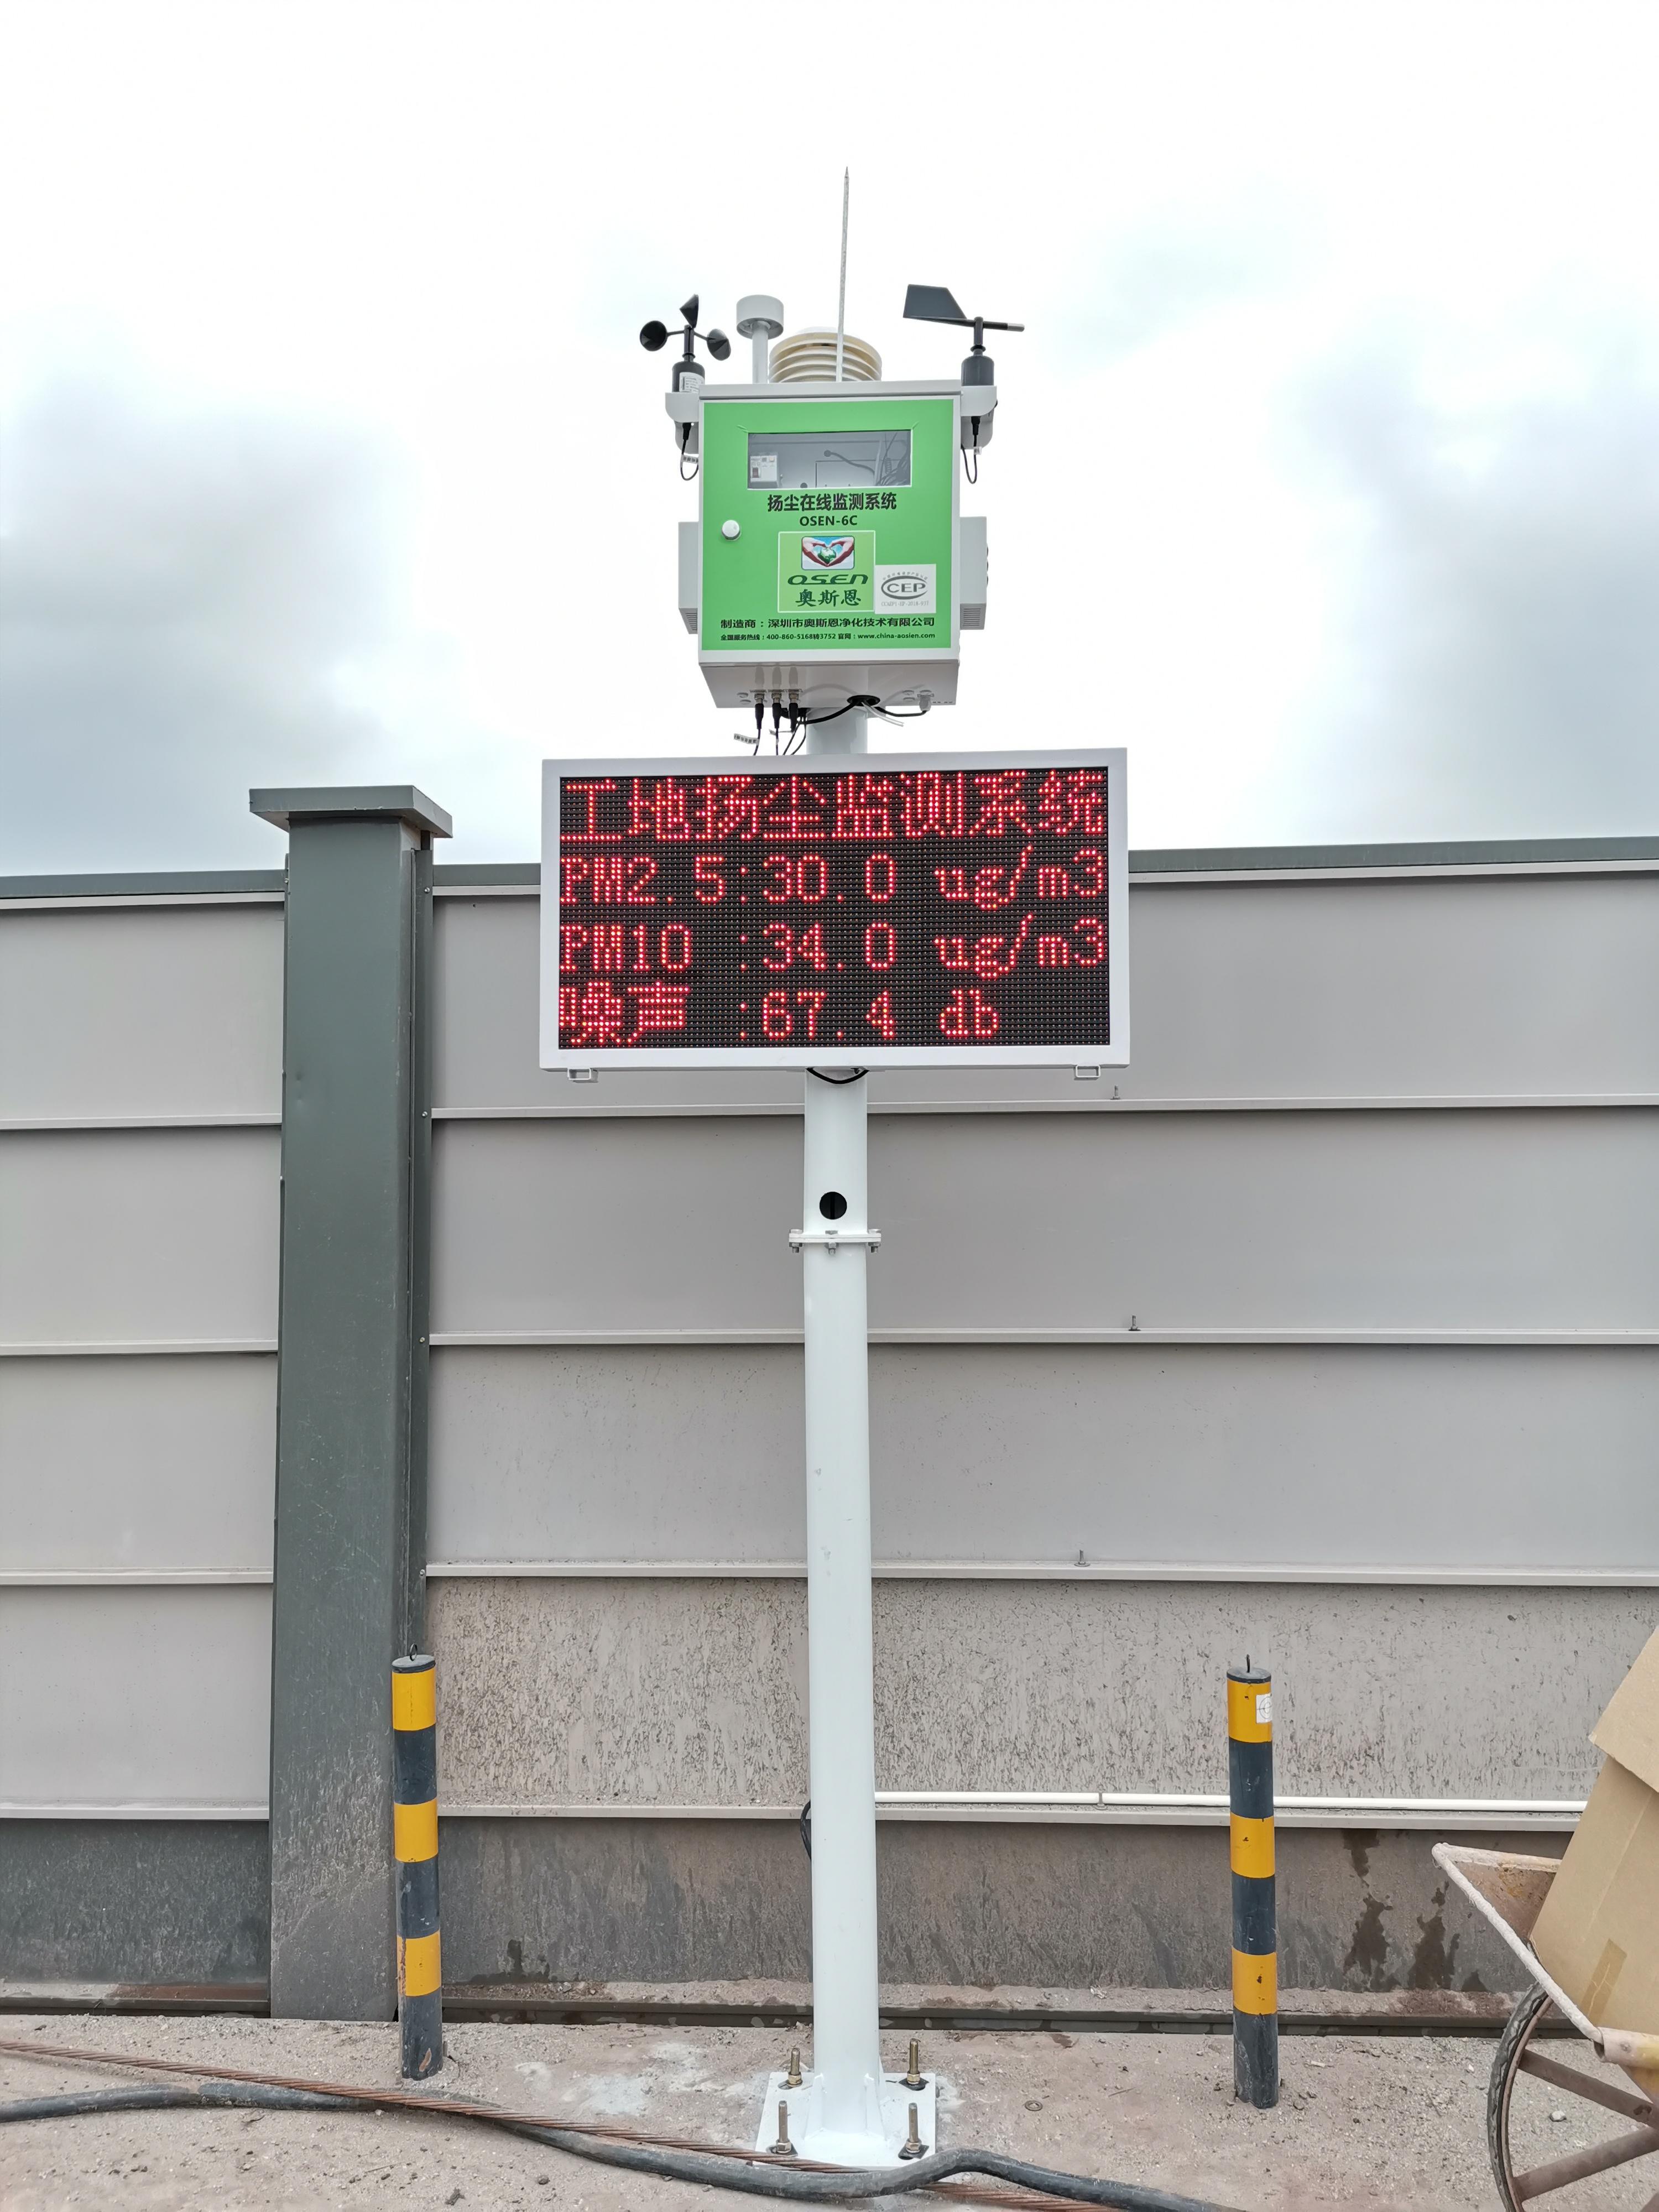 露天货场PM2.5浓度监测服务商_交通路口服务商-深圳奥斯恩环境技术有限公司